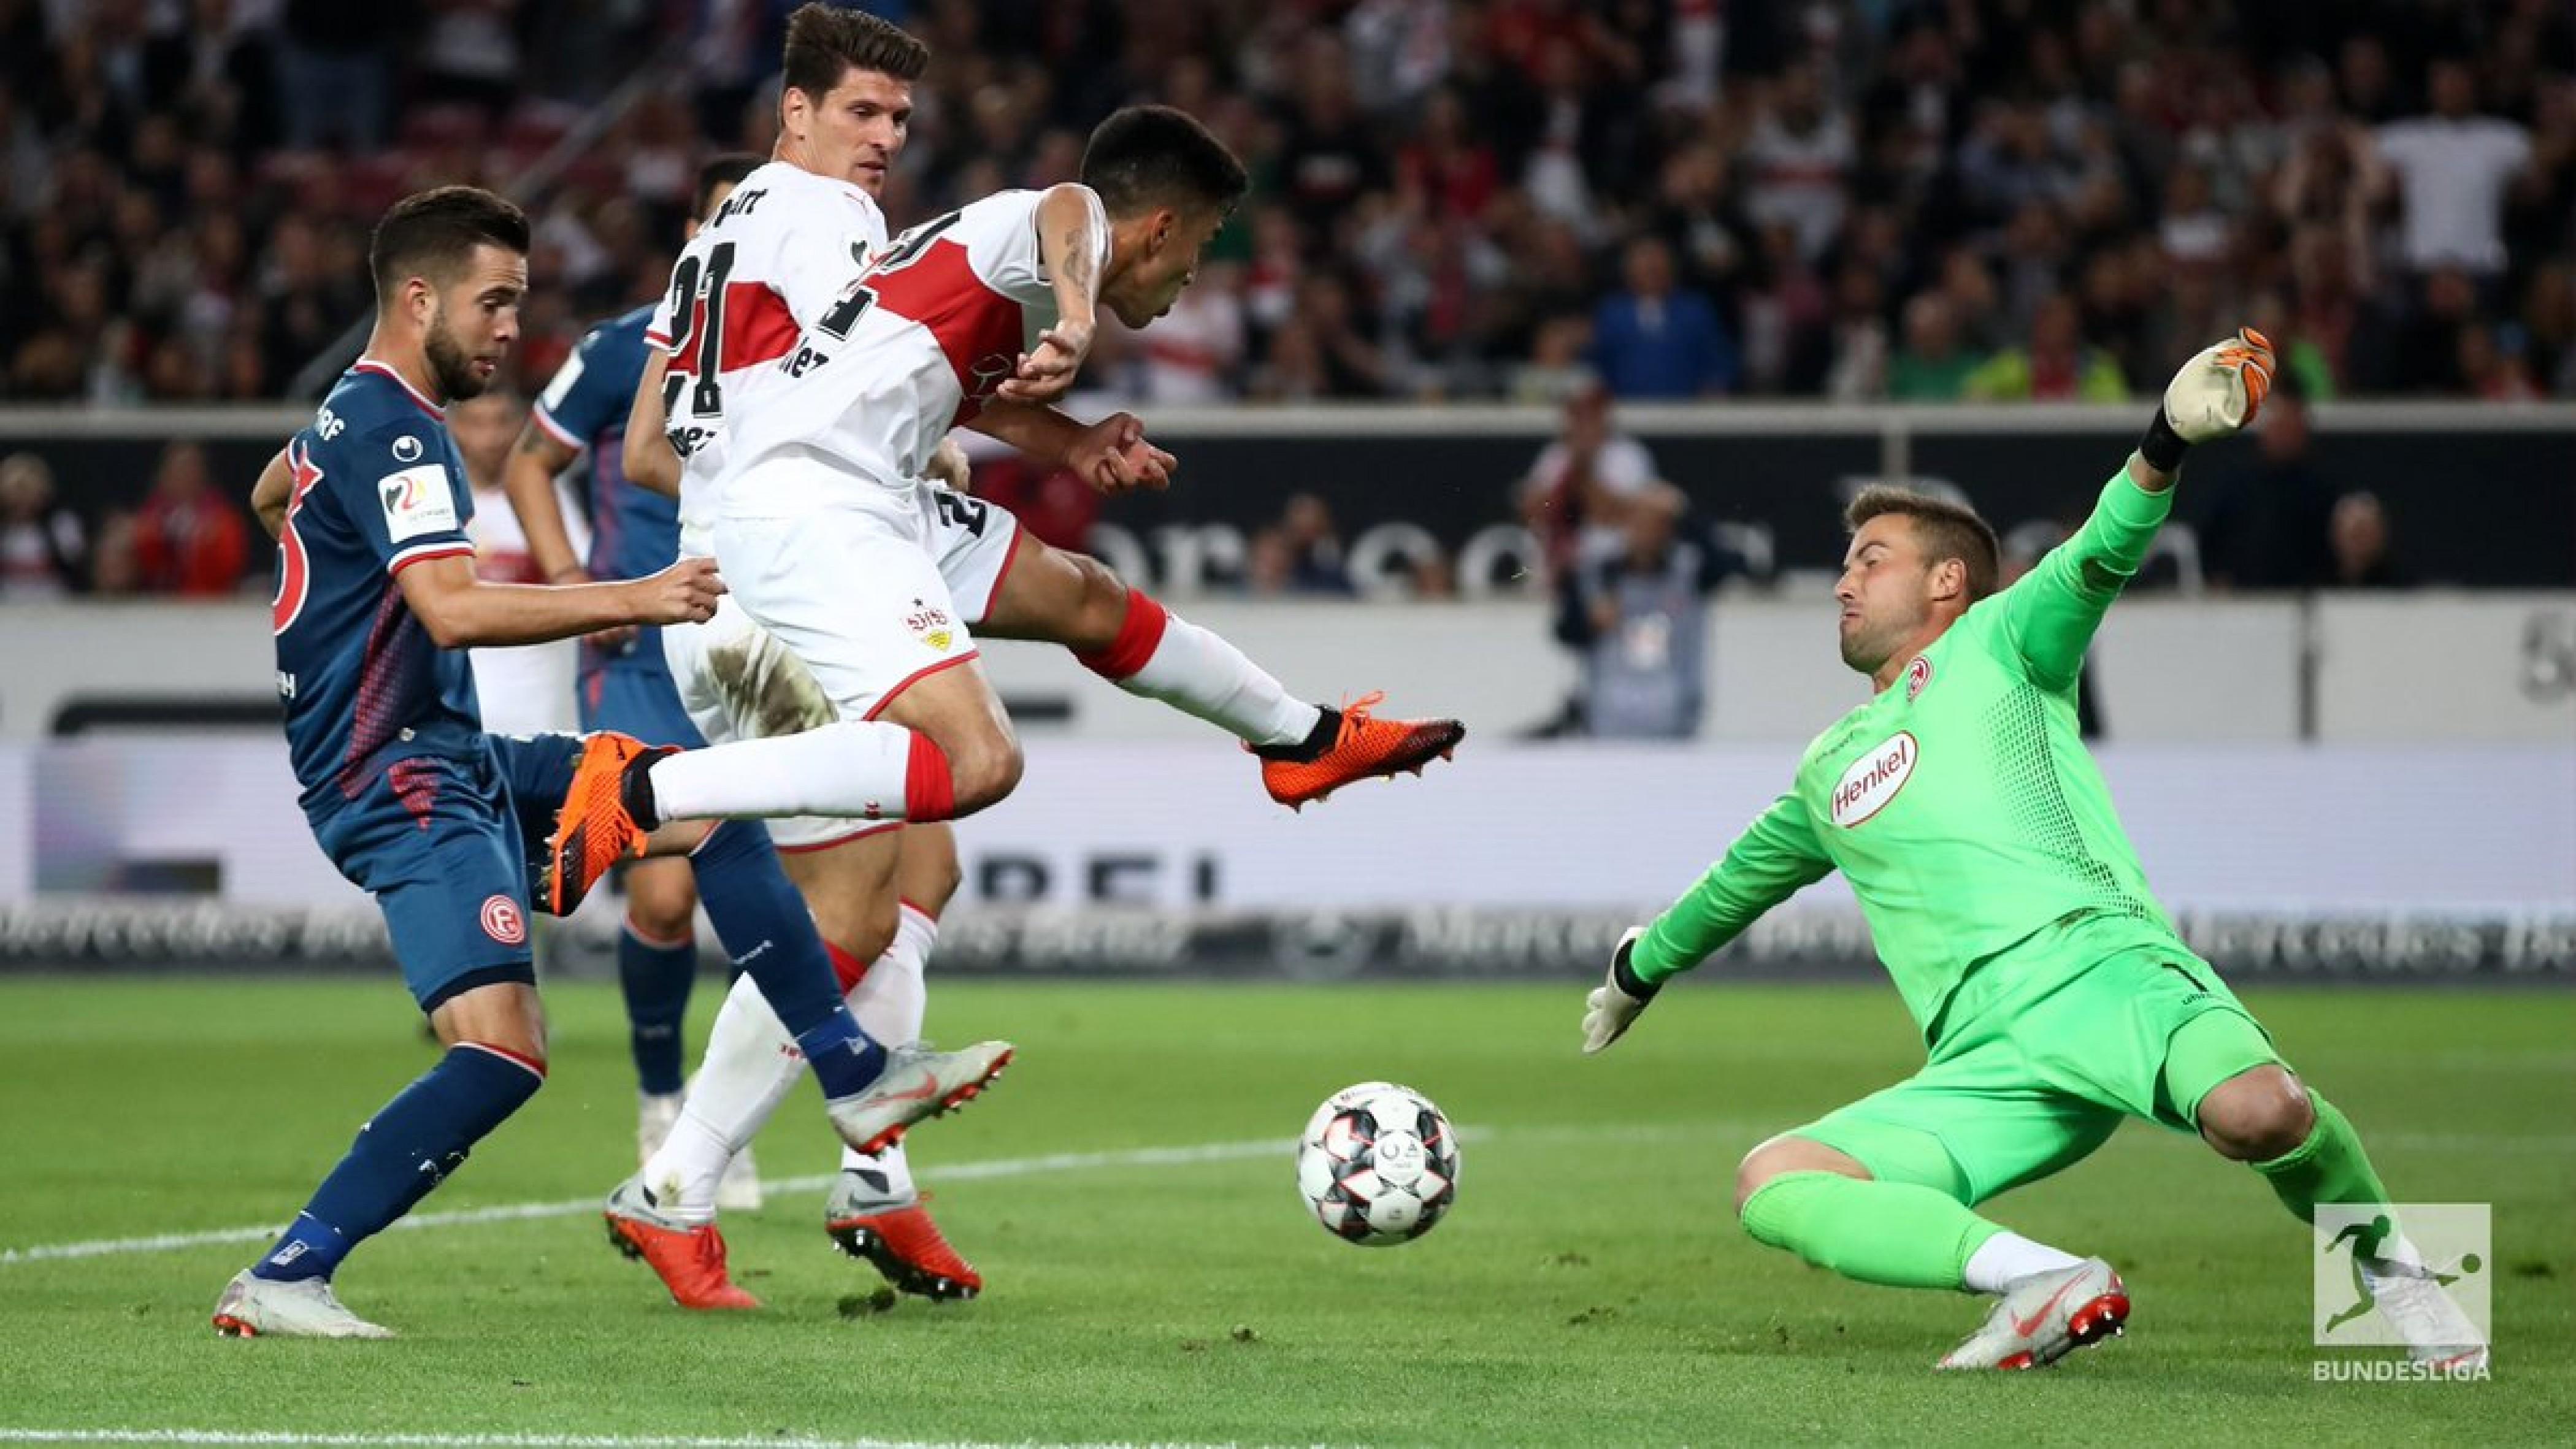 VfB Stuttgart 0-0 Fortuna Düsseldorf: Ron-Robert Zieler earns sloppy Reds a point